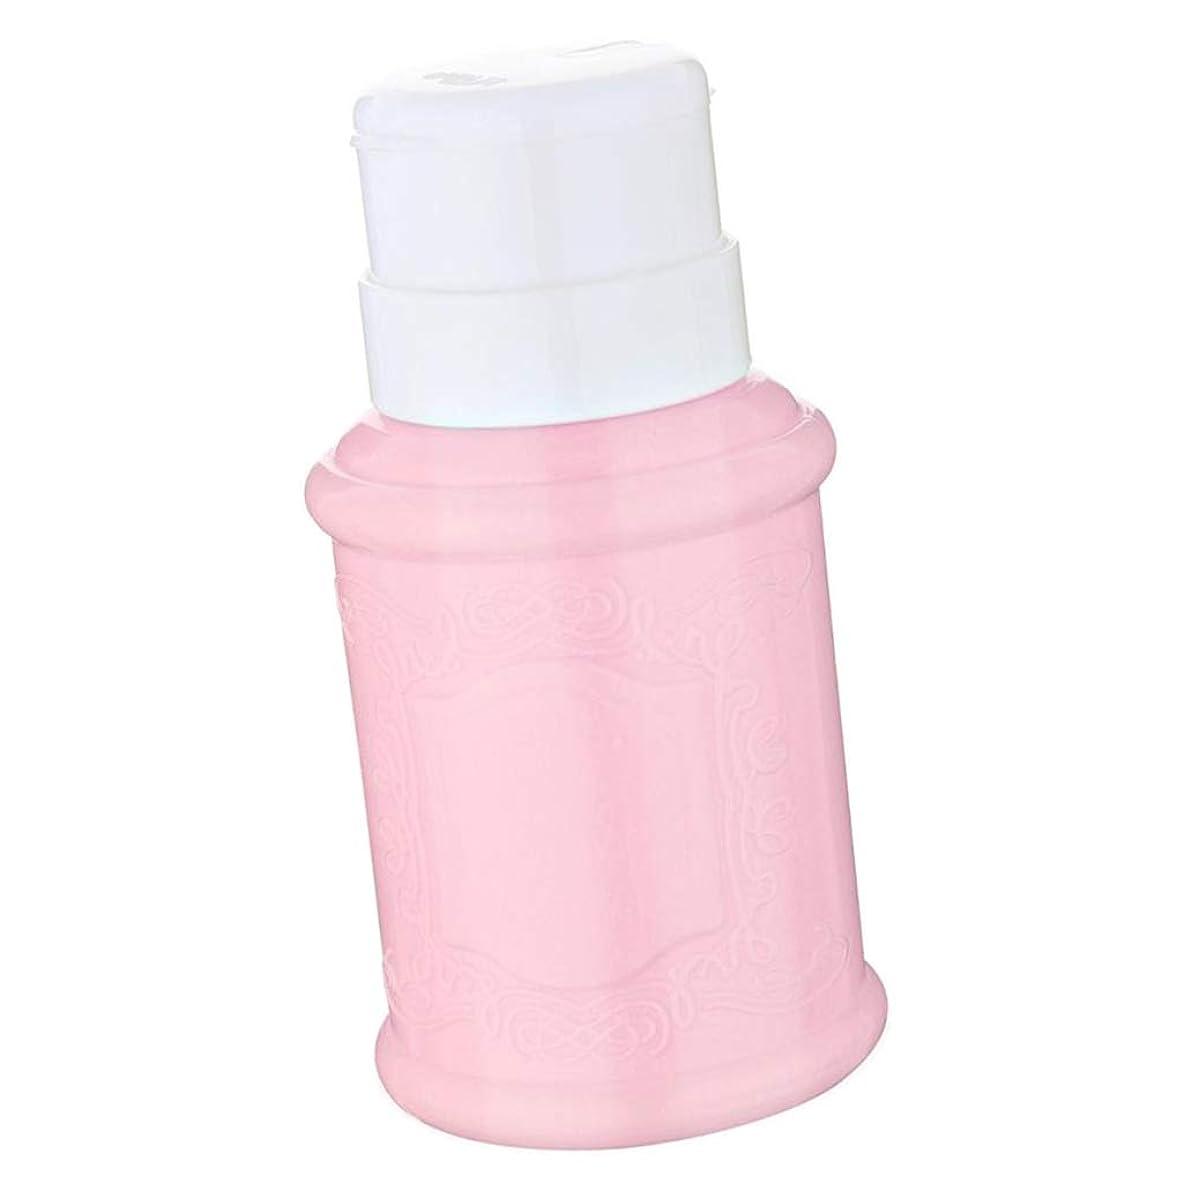 悲惨杭図書館Perfeclan 空ポンプボトル クリアポンプ ネイルクリーナーボトル ポンプディスペンサー ジェルクリーナー 全3色 - ピンク